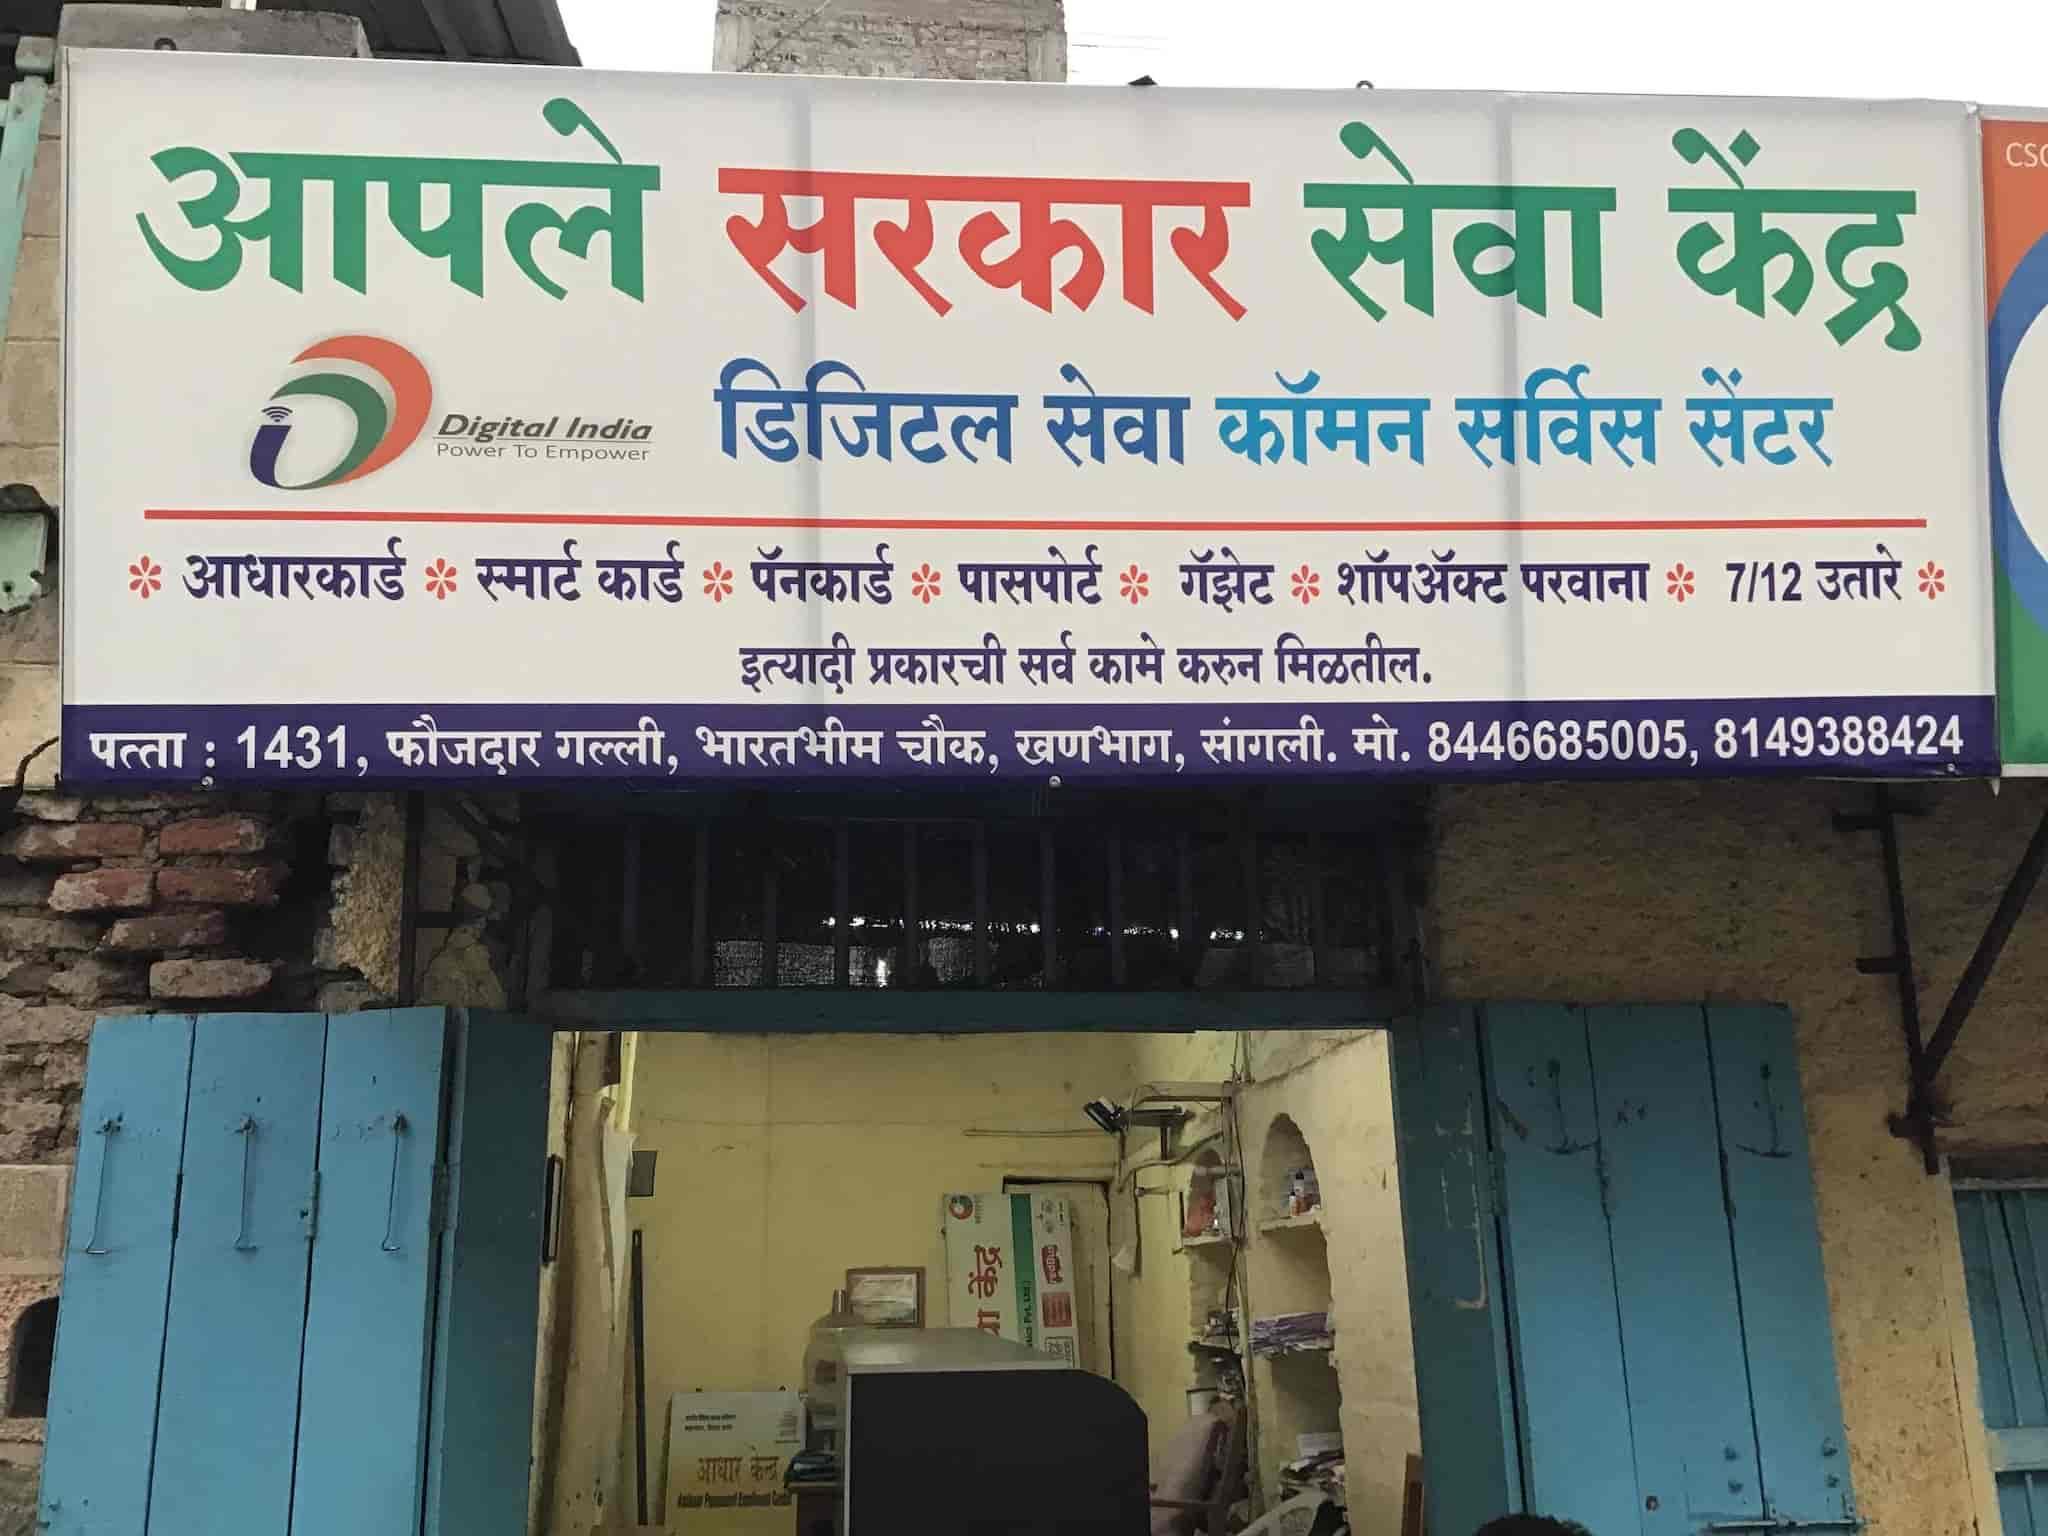 Aaple Sarkar Seva Kendra, Khan Baug Sangli - Aadhaar Card